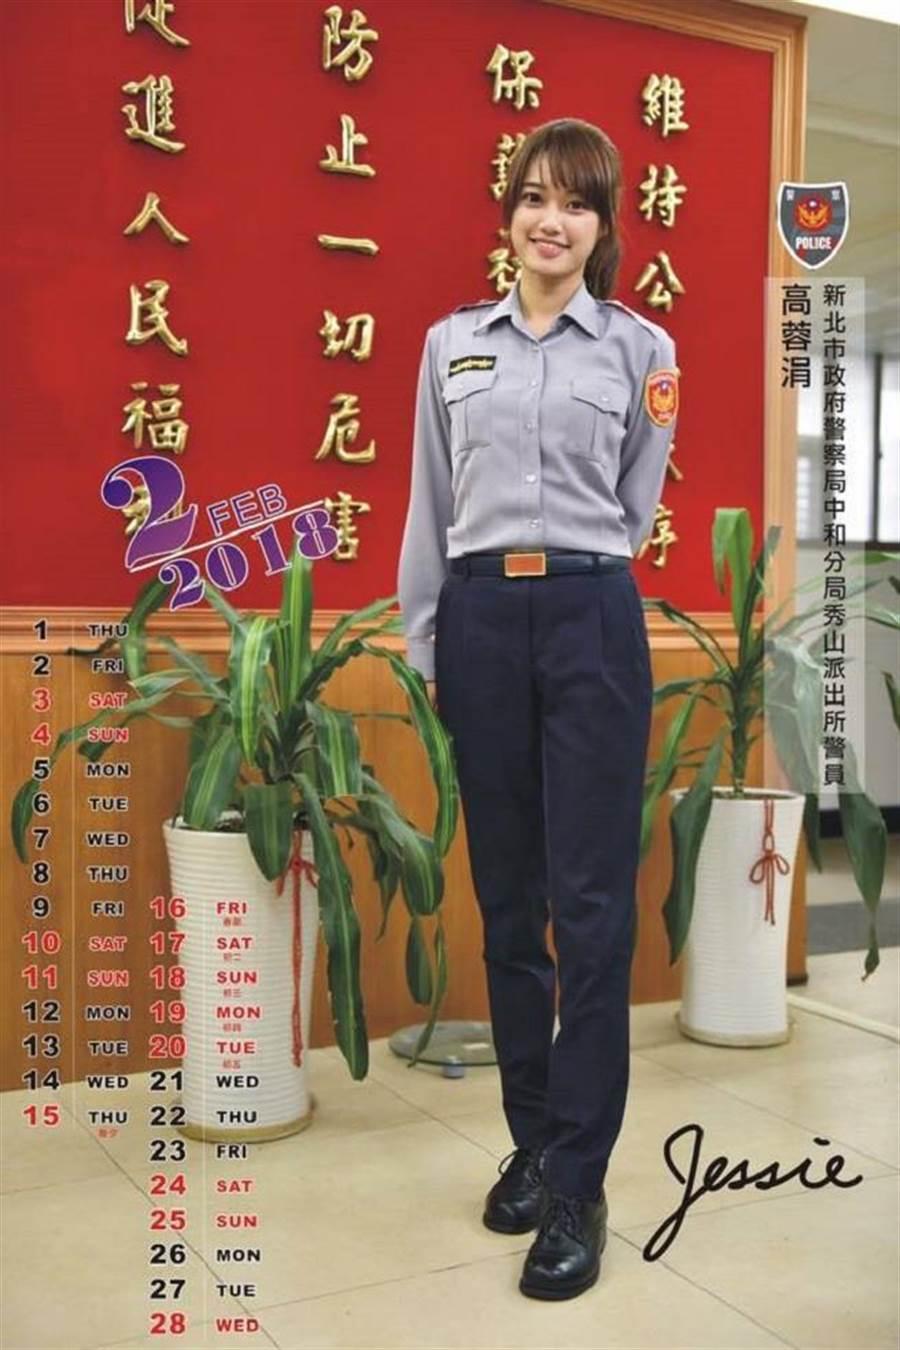 女警高蓉涓長相甜美,曾被稱為「偶像系正妹女警」。(翻攝自臉書@警光新聞雲)